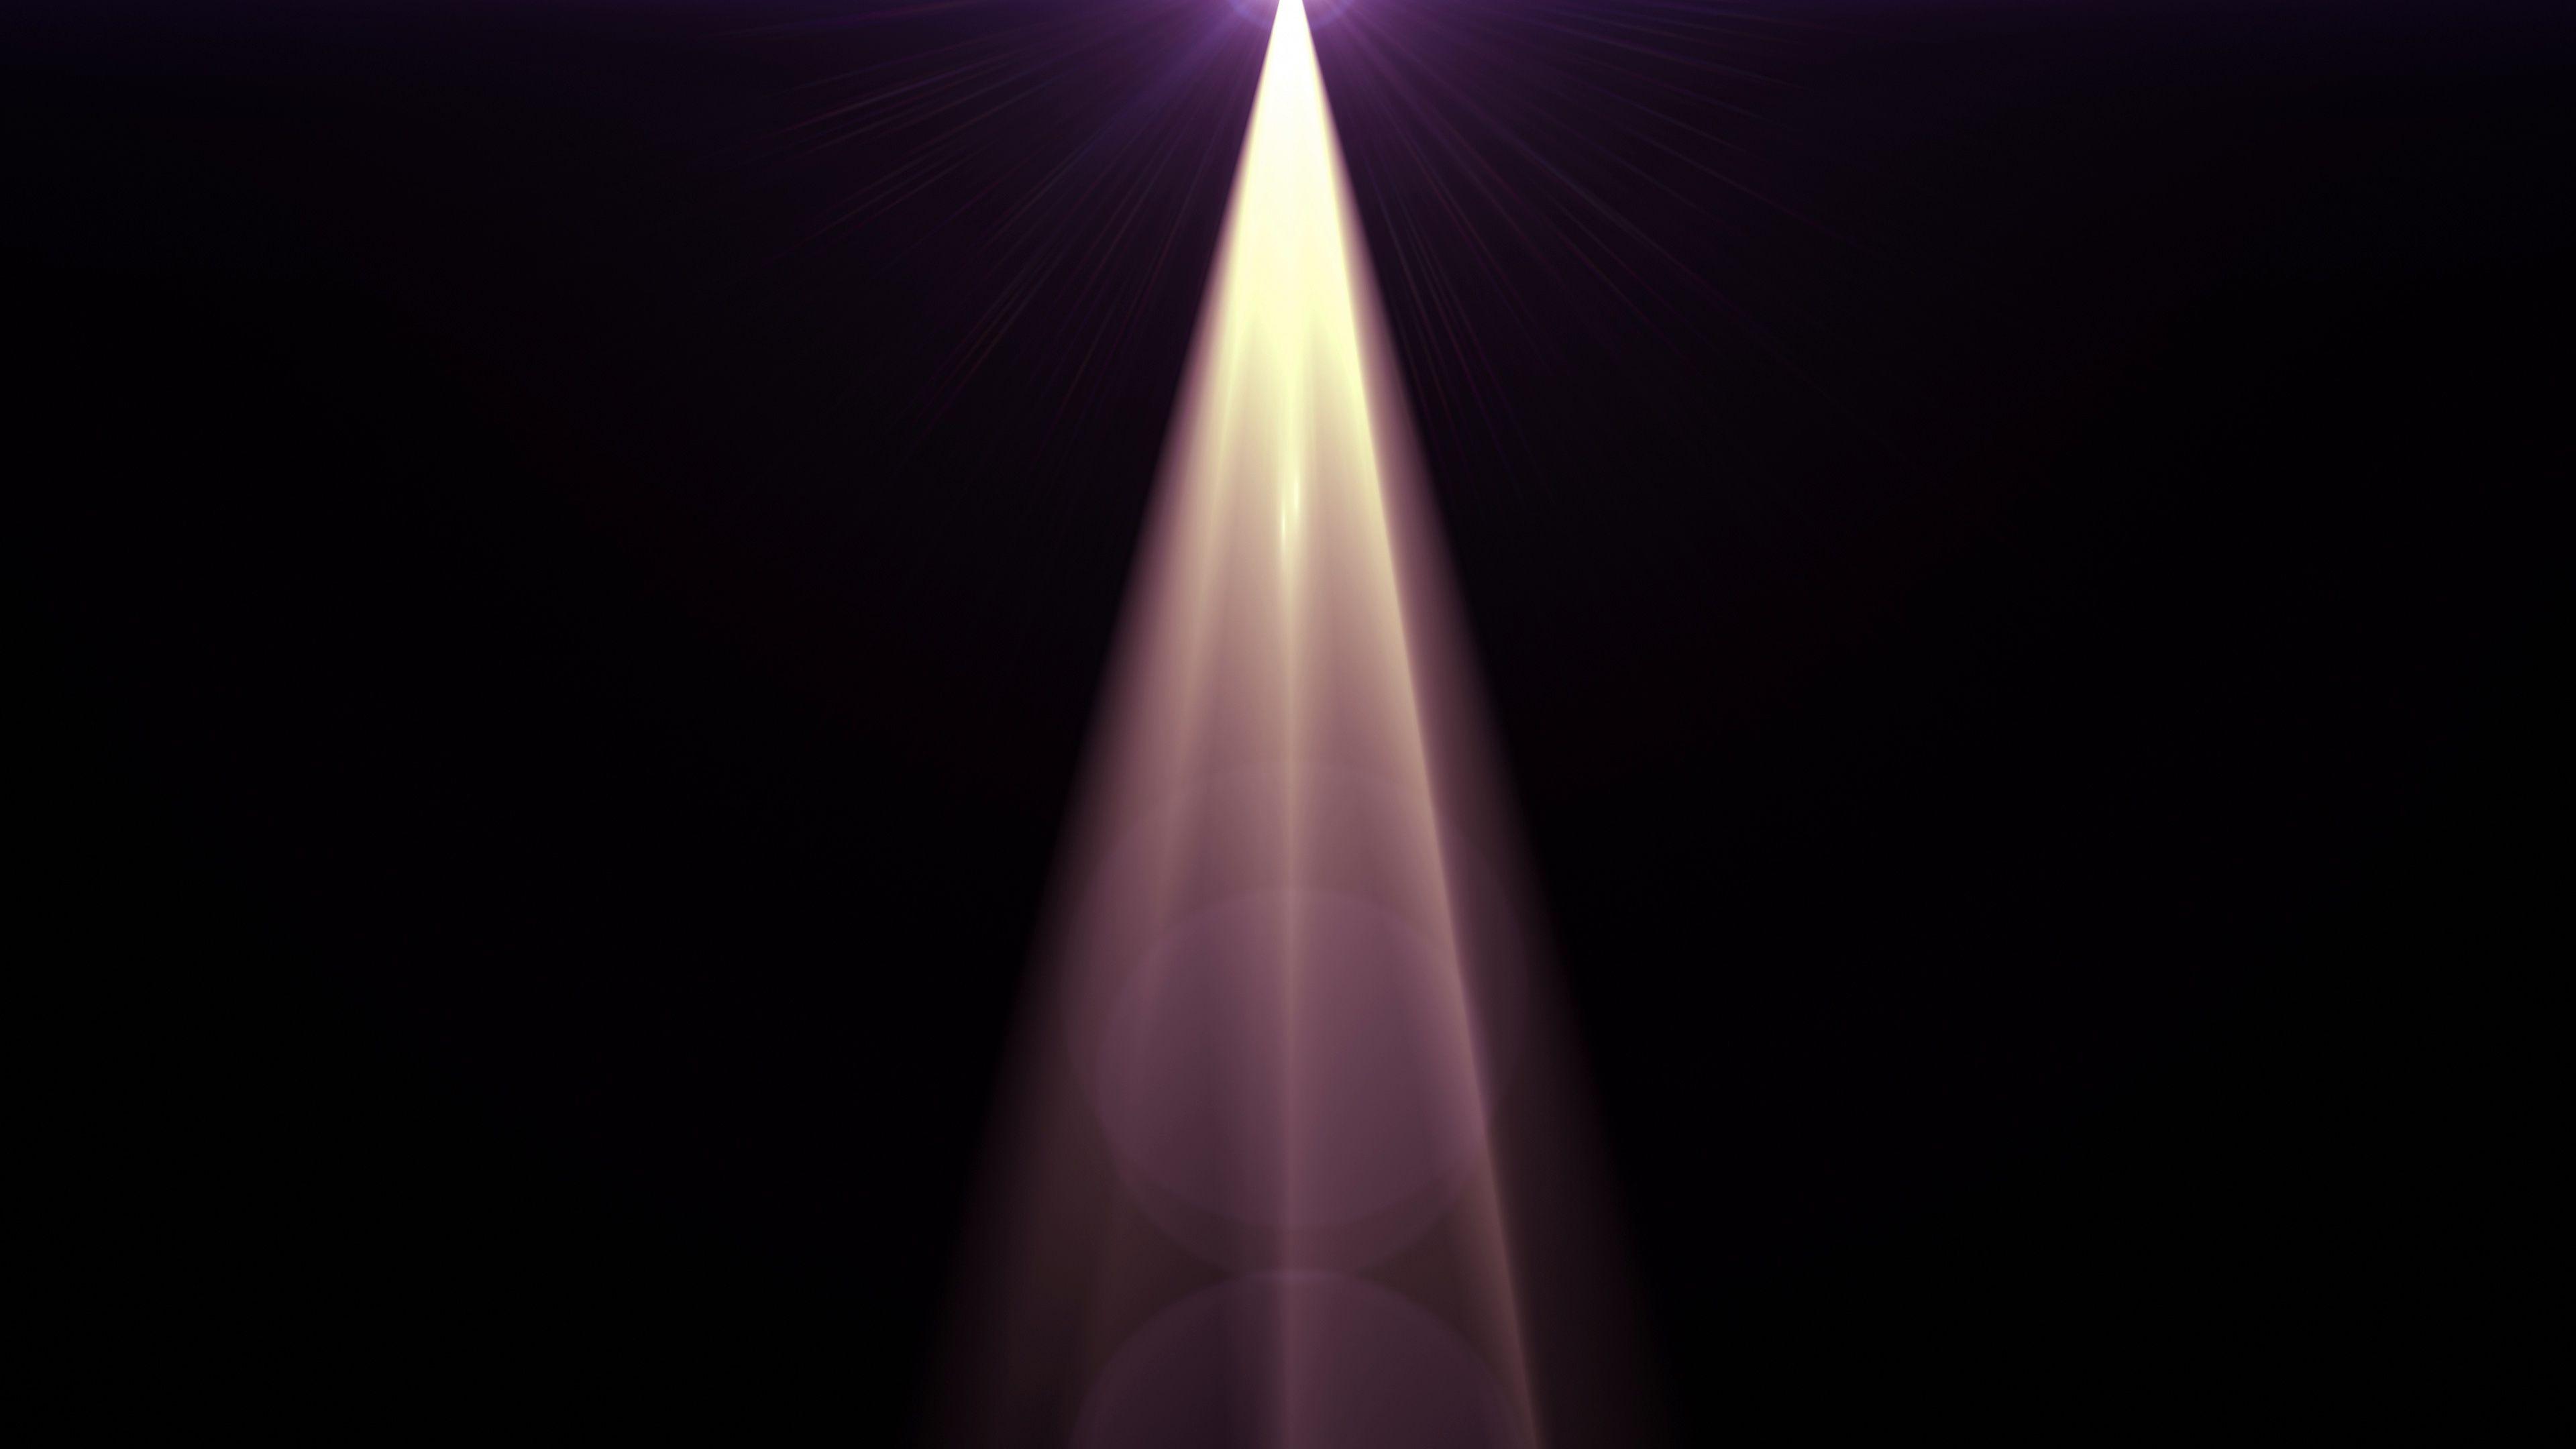 лучи света для фото приложение